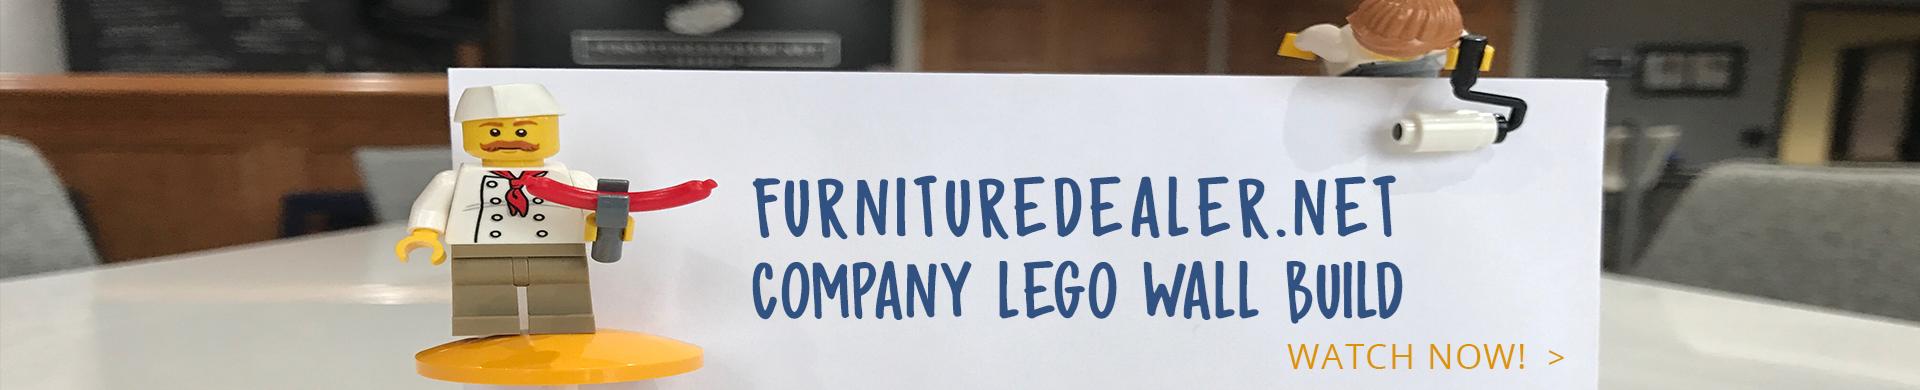 furnituredealer.net building